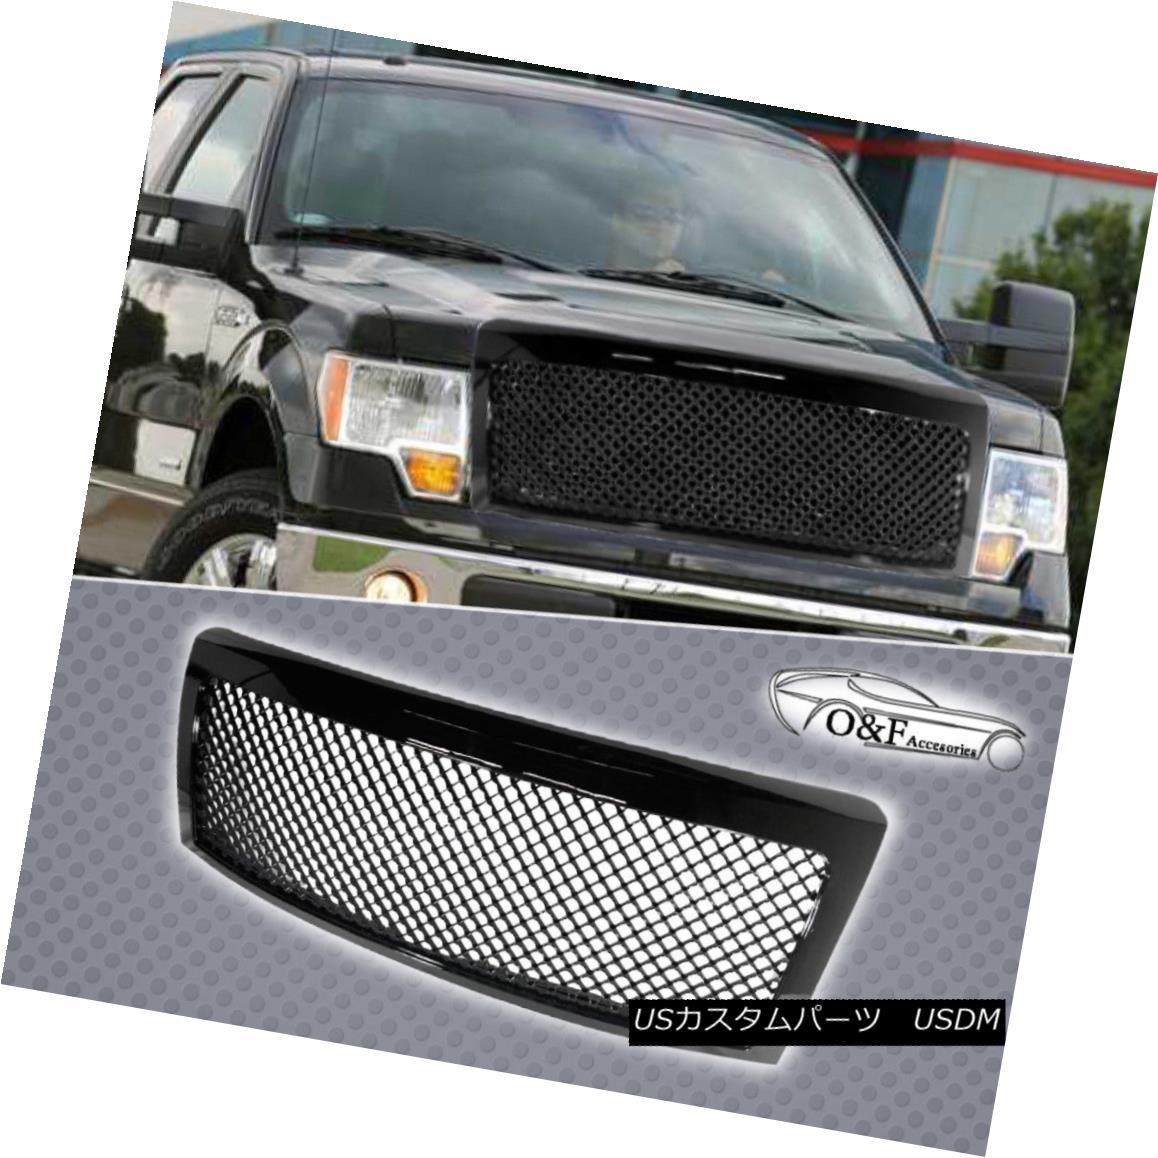 グリル 2009 2014 Ford F150 Gloss Black Mesh Front Grille Replacement Grill 2009 2014フォードF150グロスブラックメッシュフロントグリル交換グリル